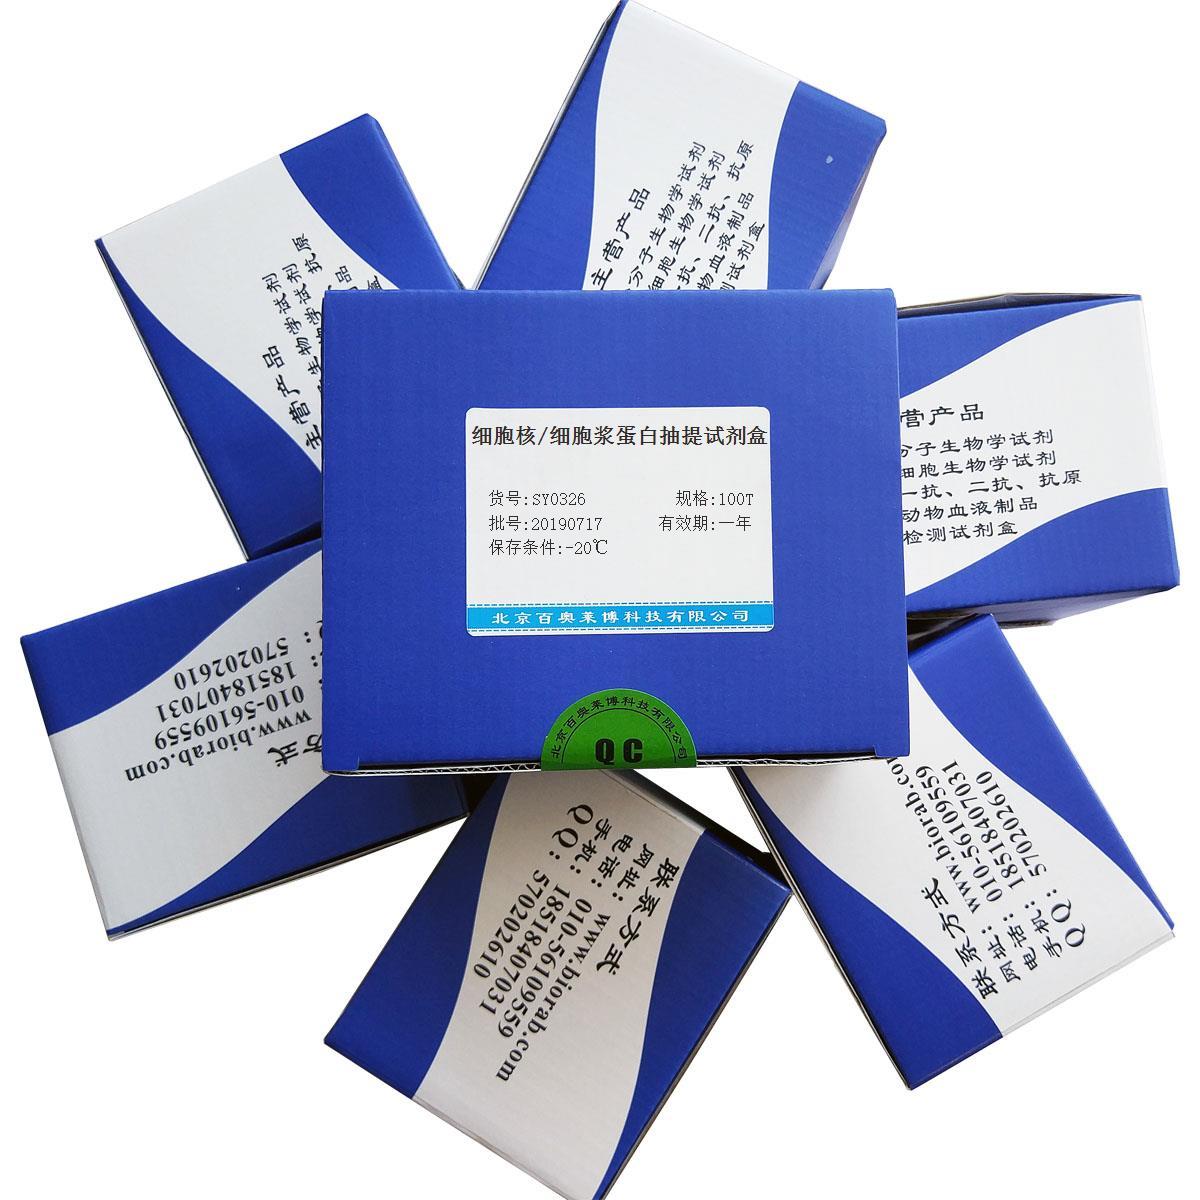 细胞核/细胞浆蛋白抽提试剂盒优惠促销